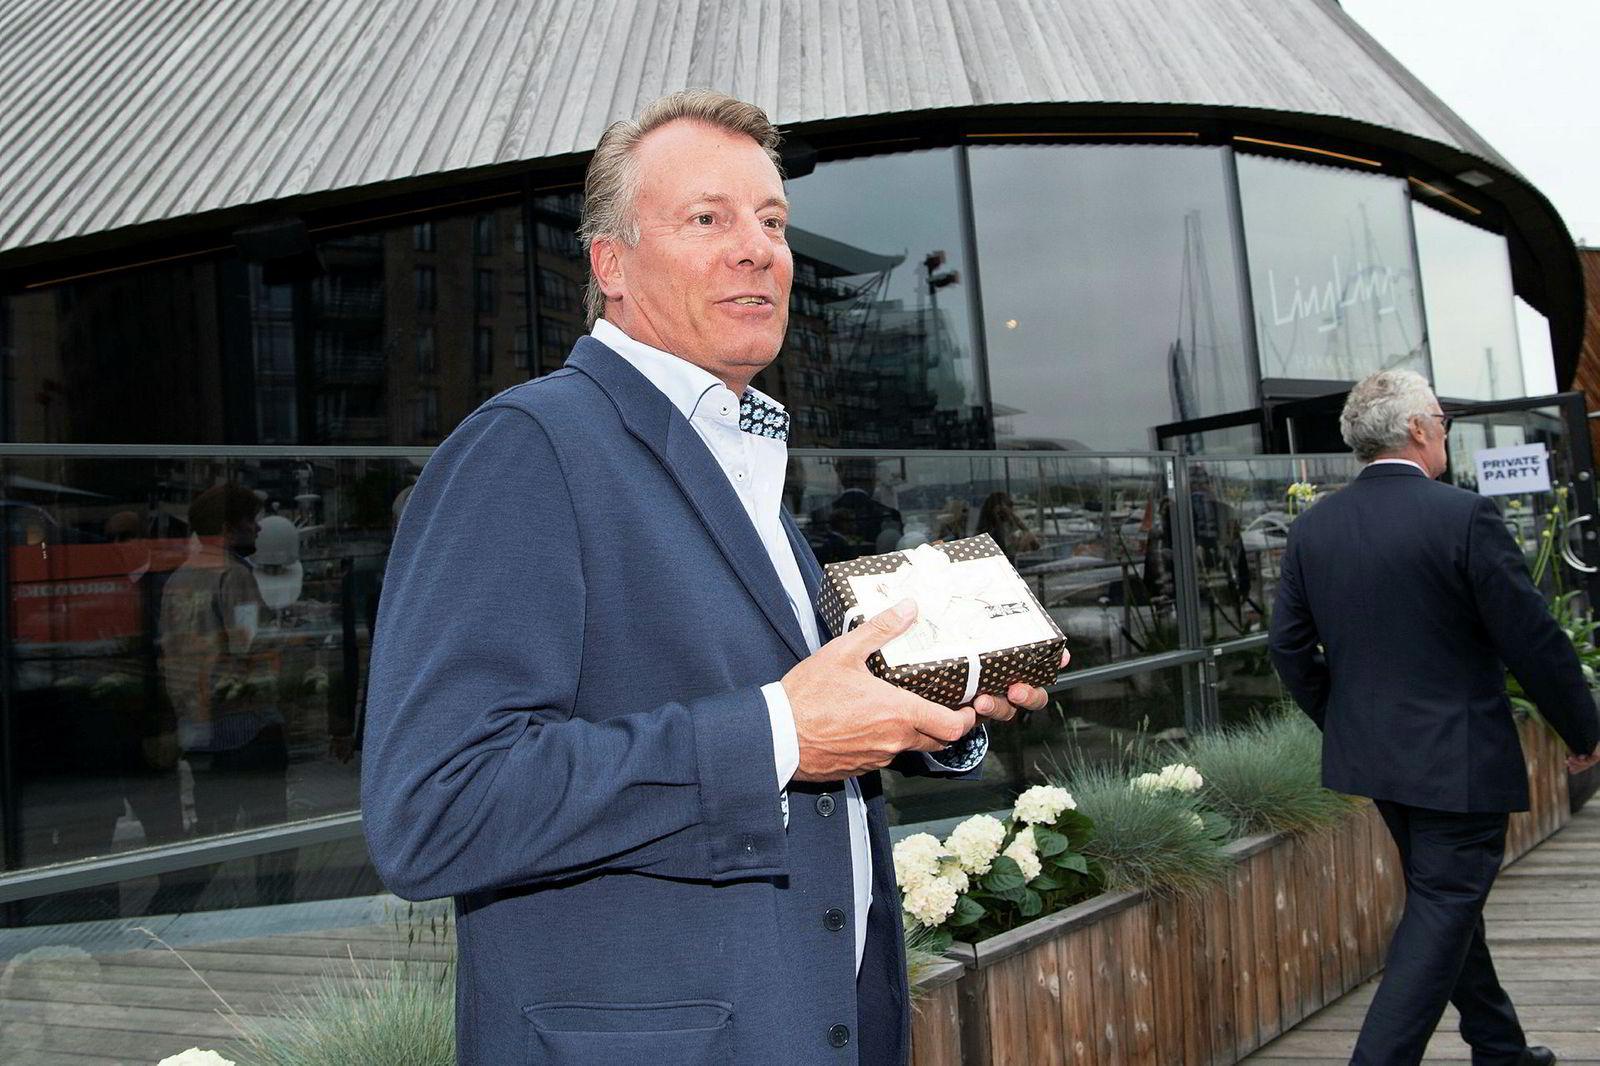 Ferd-eier Johan Andresen hadde med seg drammeglass formet som Swix-smøring i presang til Fredriksen.